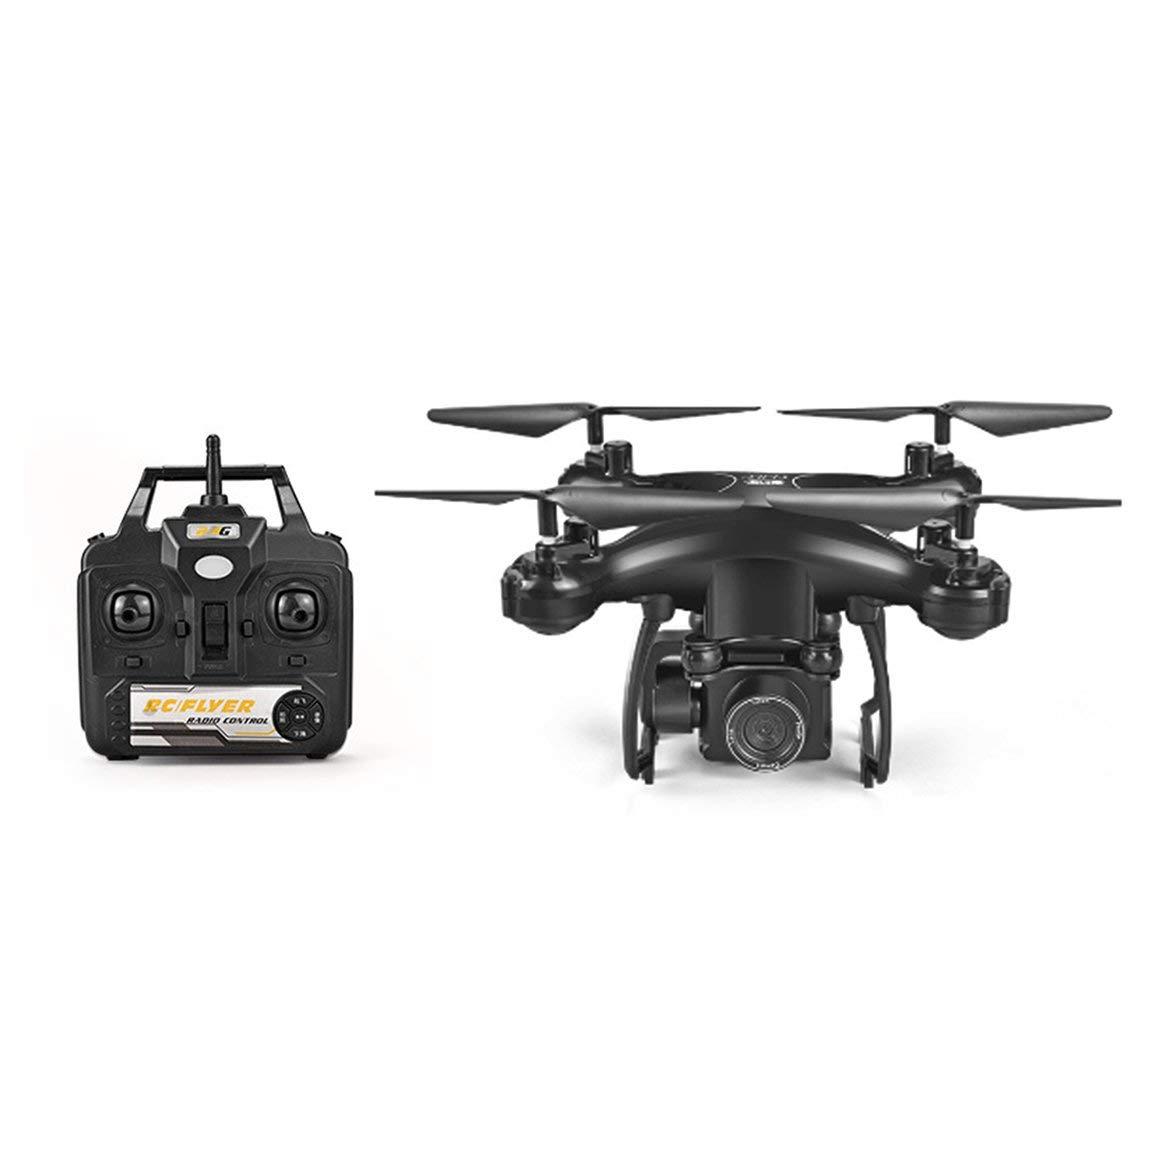 Delicacydex S29-1 Elektrisch gesteuerte Kamera UAV-Antenne vierachsige Flugzeuge Fernbedienung Flugzeuge Spielzeug